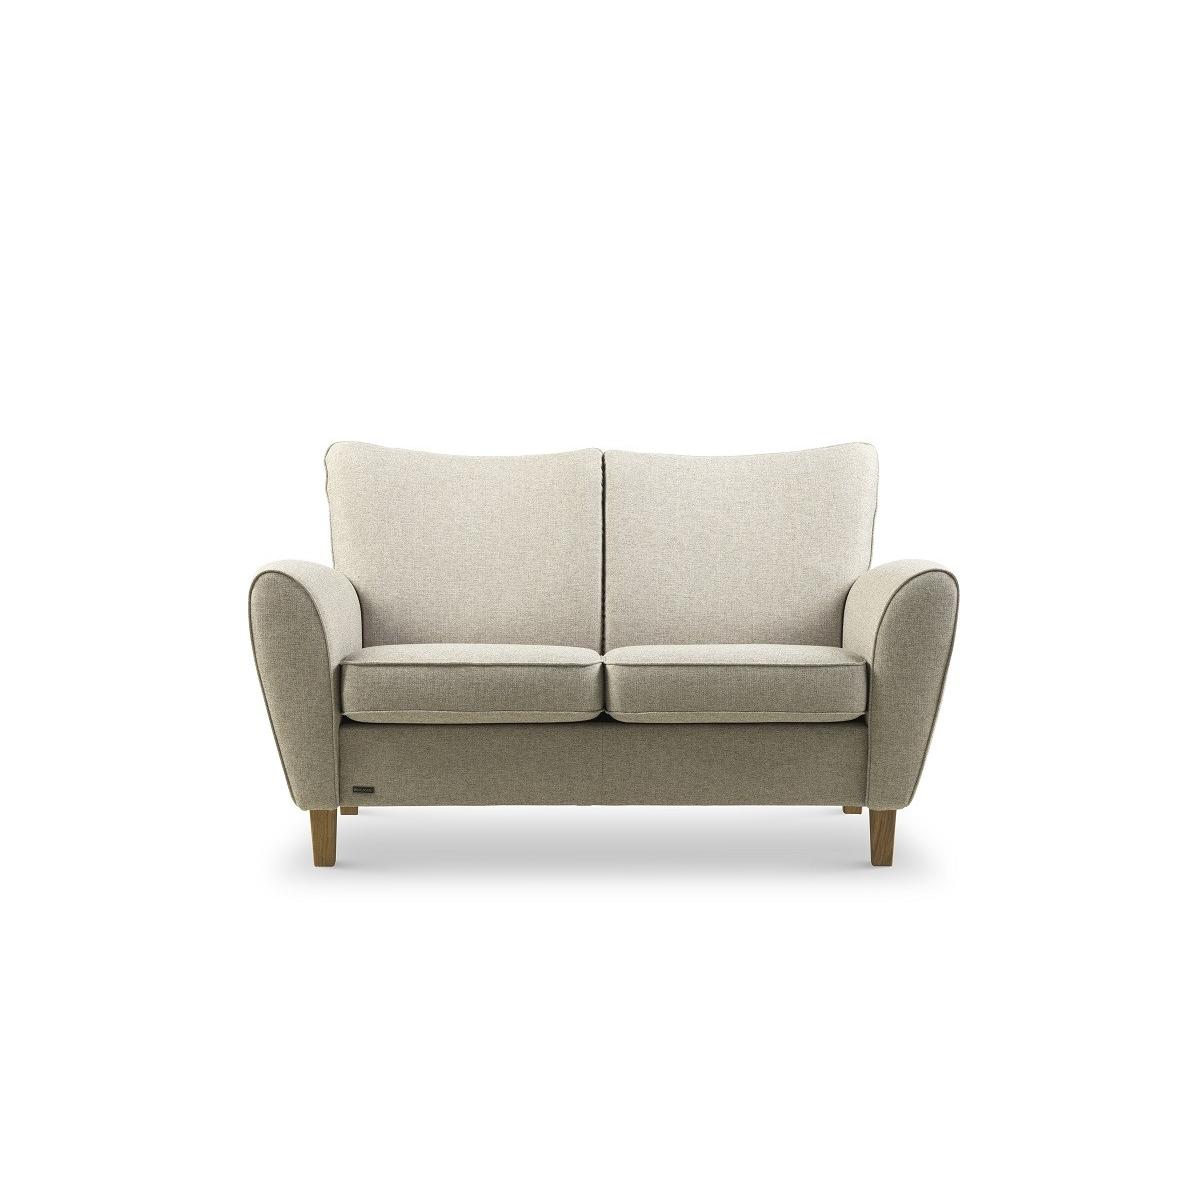 Brunstad System Pluss sofa i stof 3 personers Olieret eg Dessin: Cabana, Grå